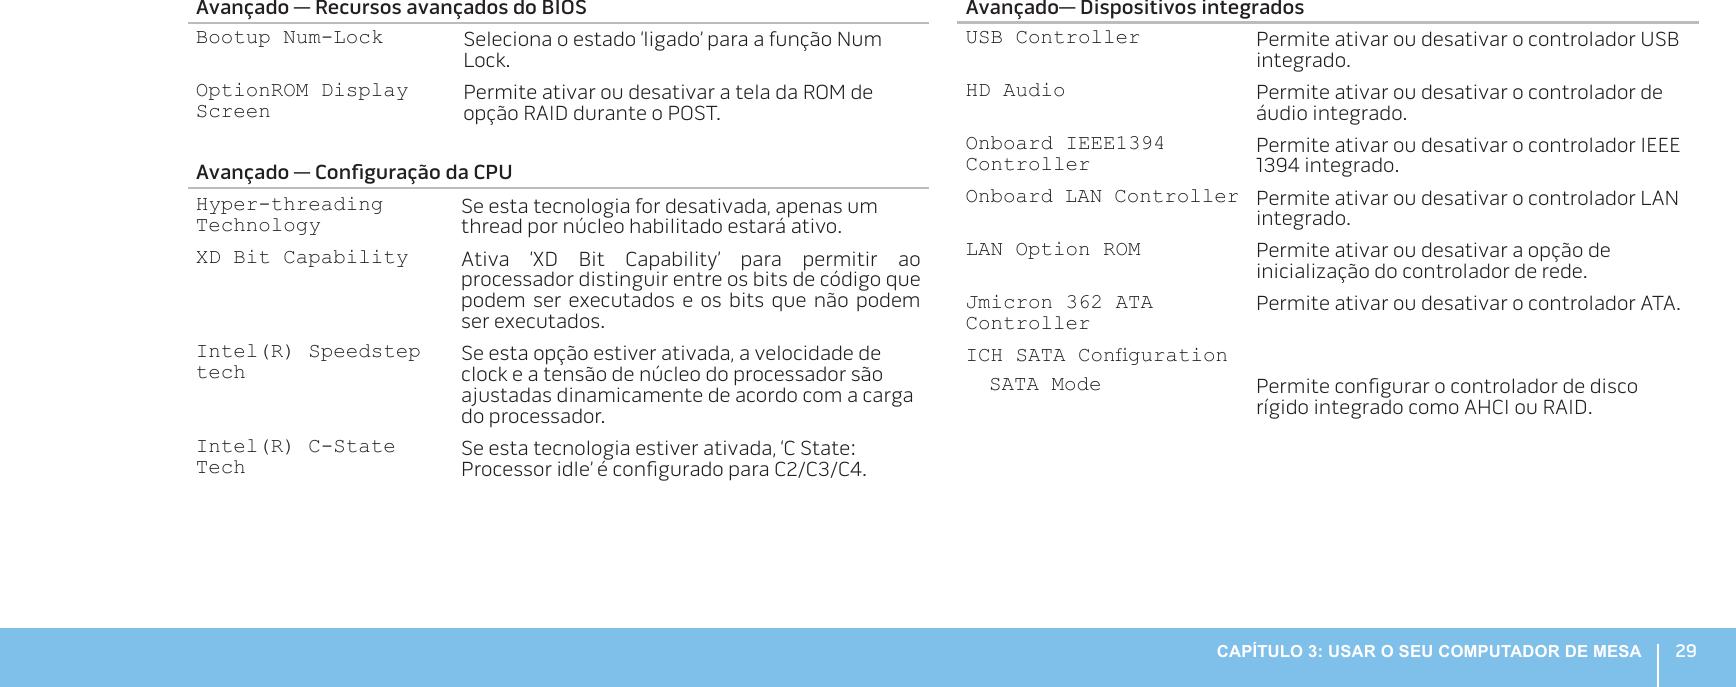 Dell Alienware aurora r3 Manual Para Computadores De Mesa User